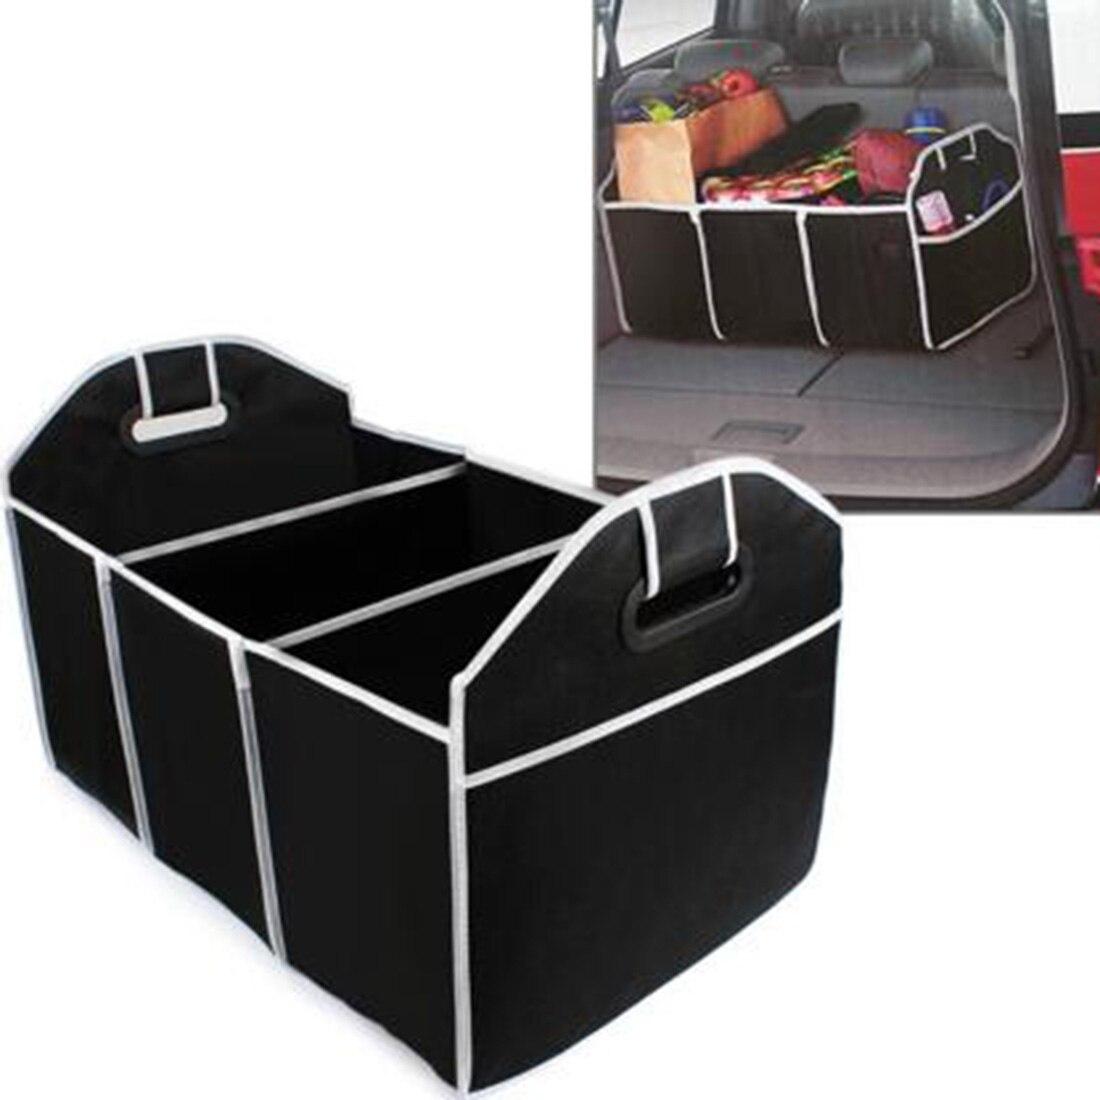 Goedkope Verkoop Nieuwe Mode Non-woven Speelgoed Voedsel Opslag Container Zakken Doos Styling Auto Interieur Accessoires Levert Gear